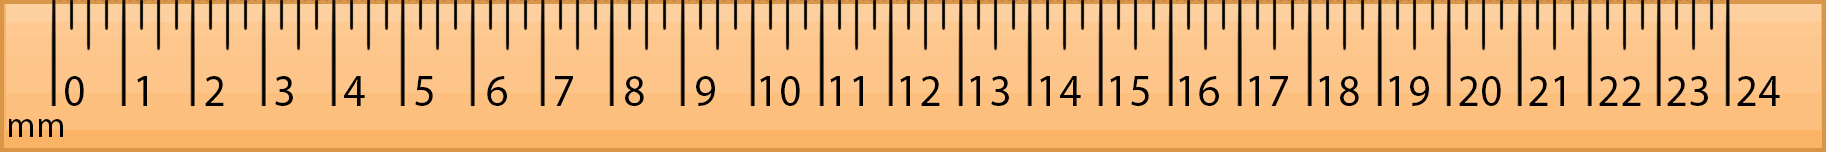 ruler length